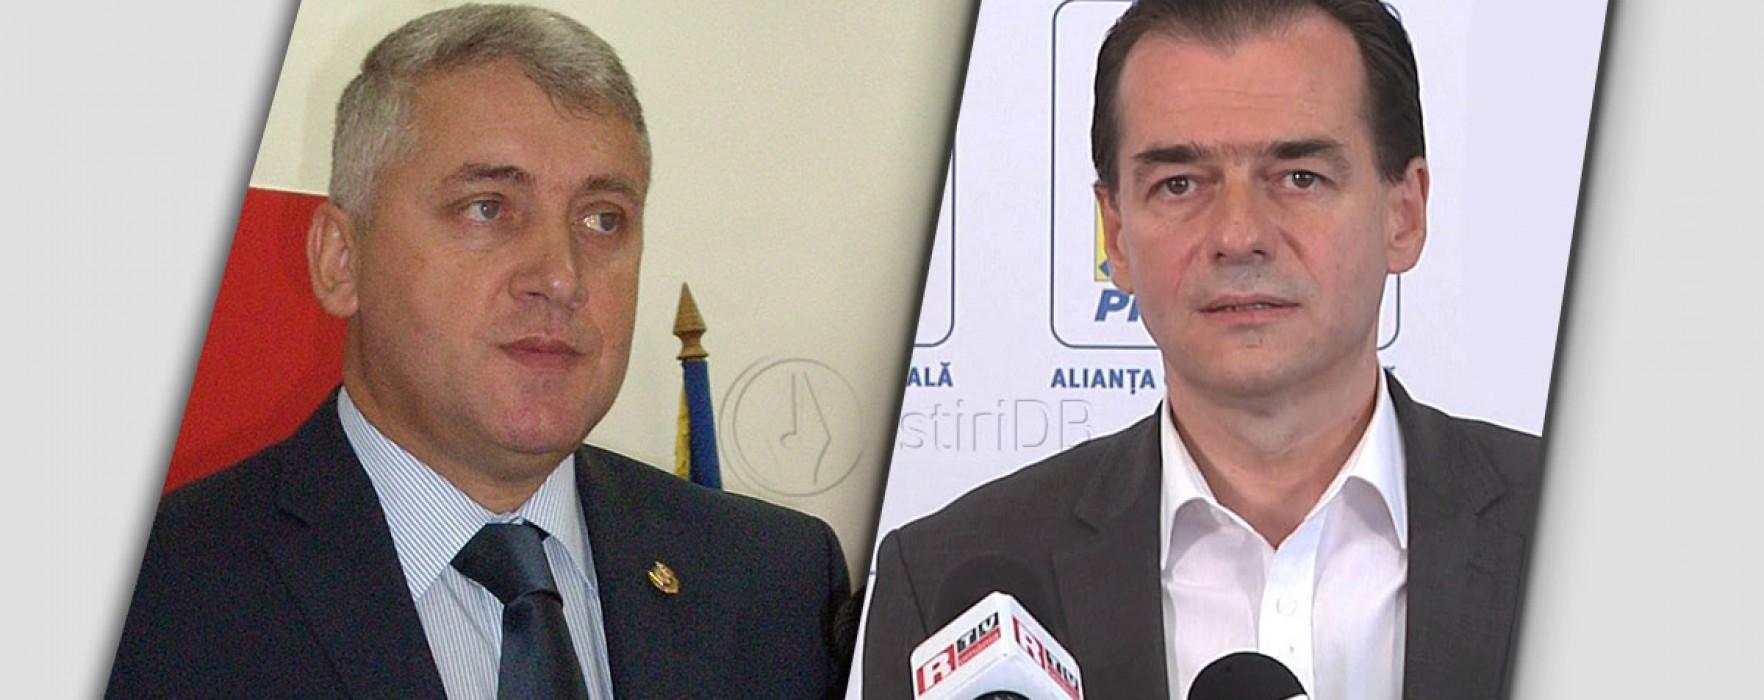 Ţuţuianu: La PNL vor candida Prisăcaru, Popa, foştii PDL, Vladu a preluat organizaţia; Orban îi răspunde